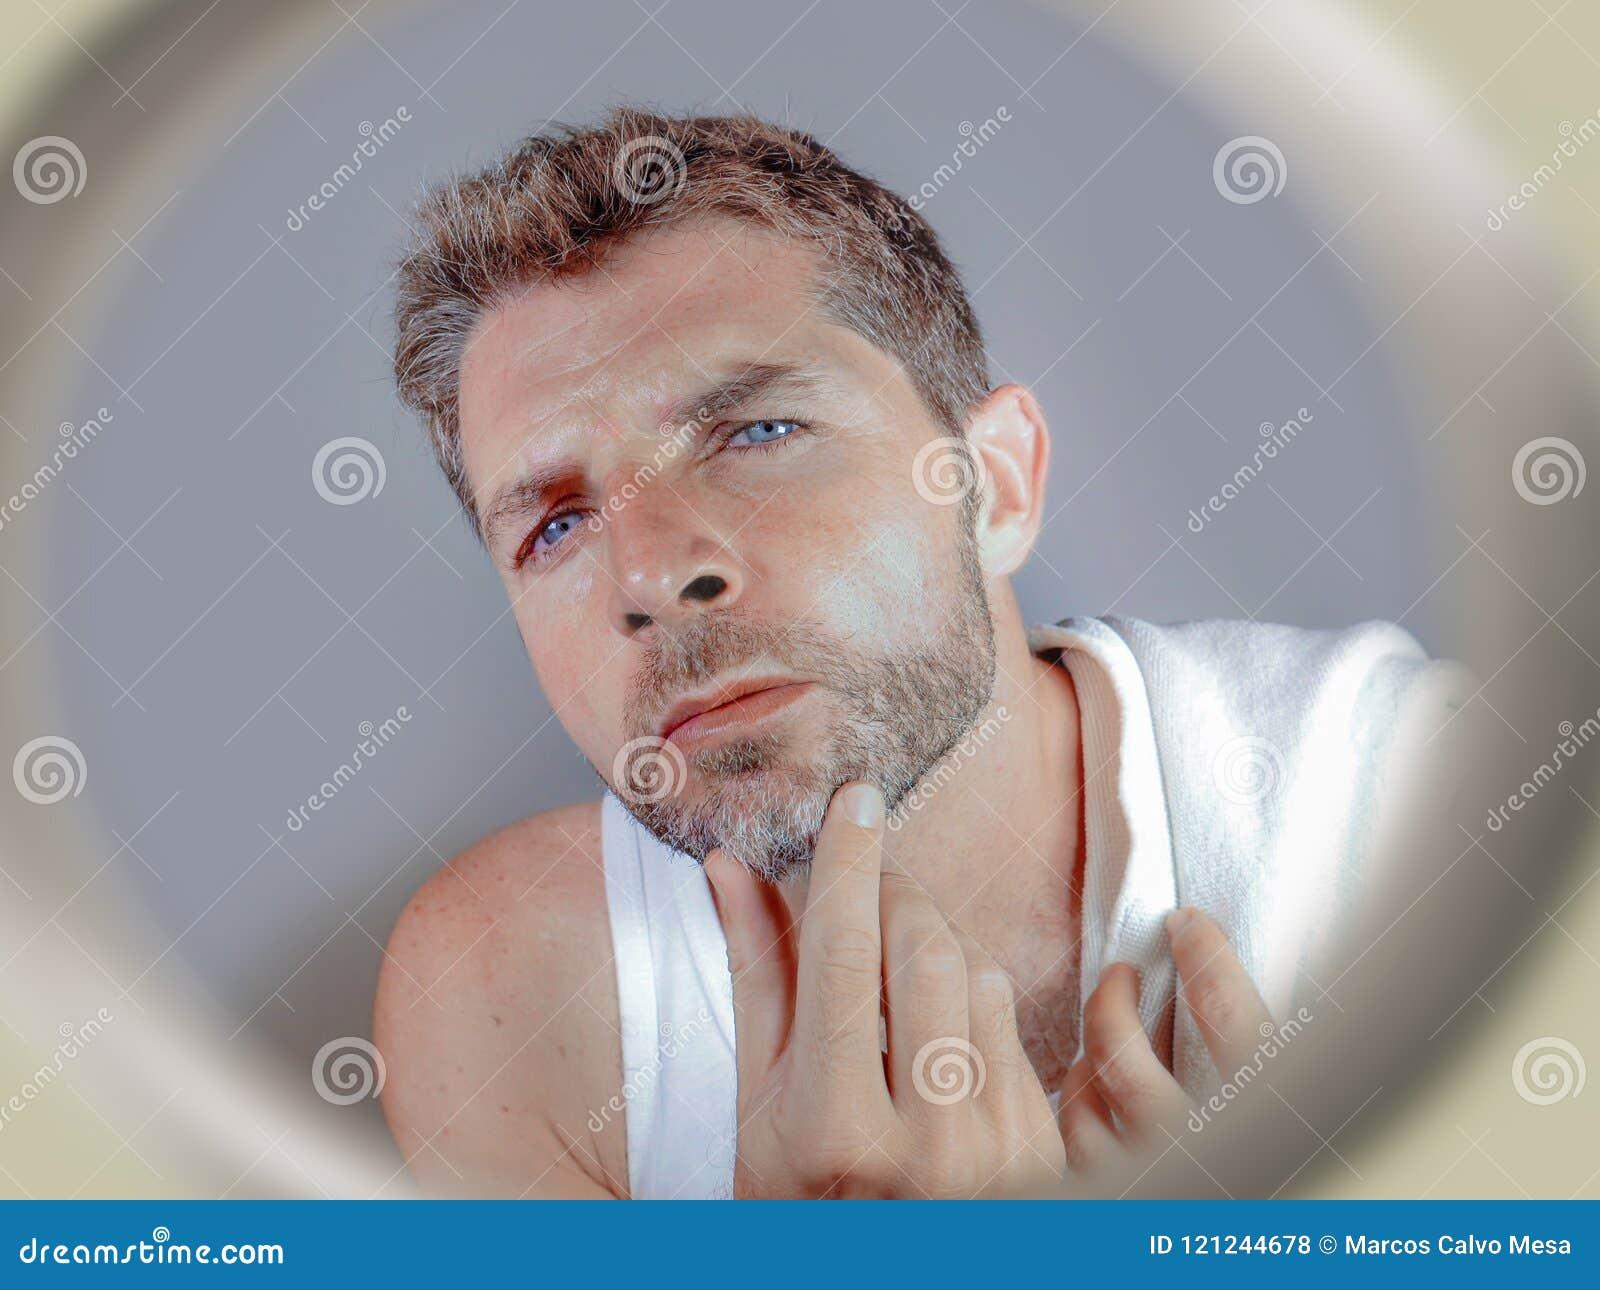 Lebensstilporträt des attraktiven besorgten und beteiligten kaukasischen Mannes, der den Badezimmerspiegel findet graueres Haar i